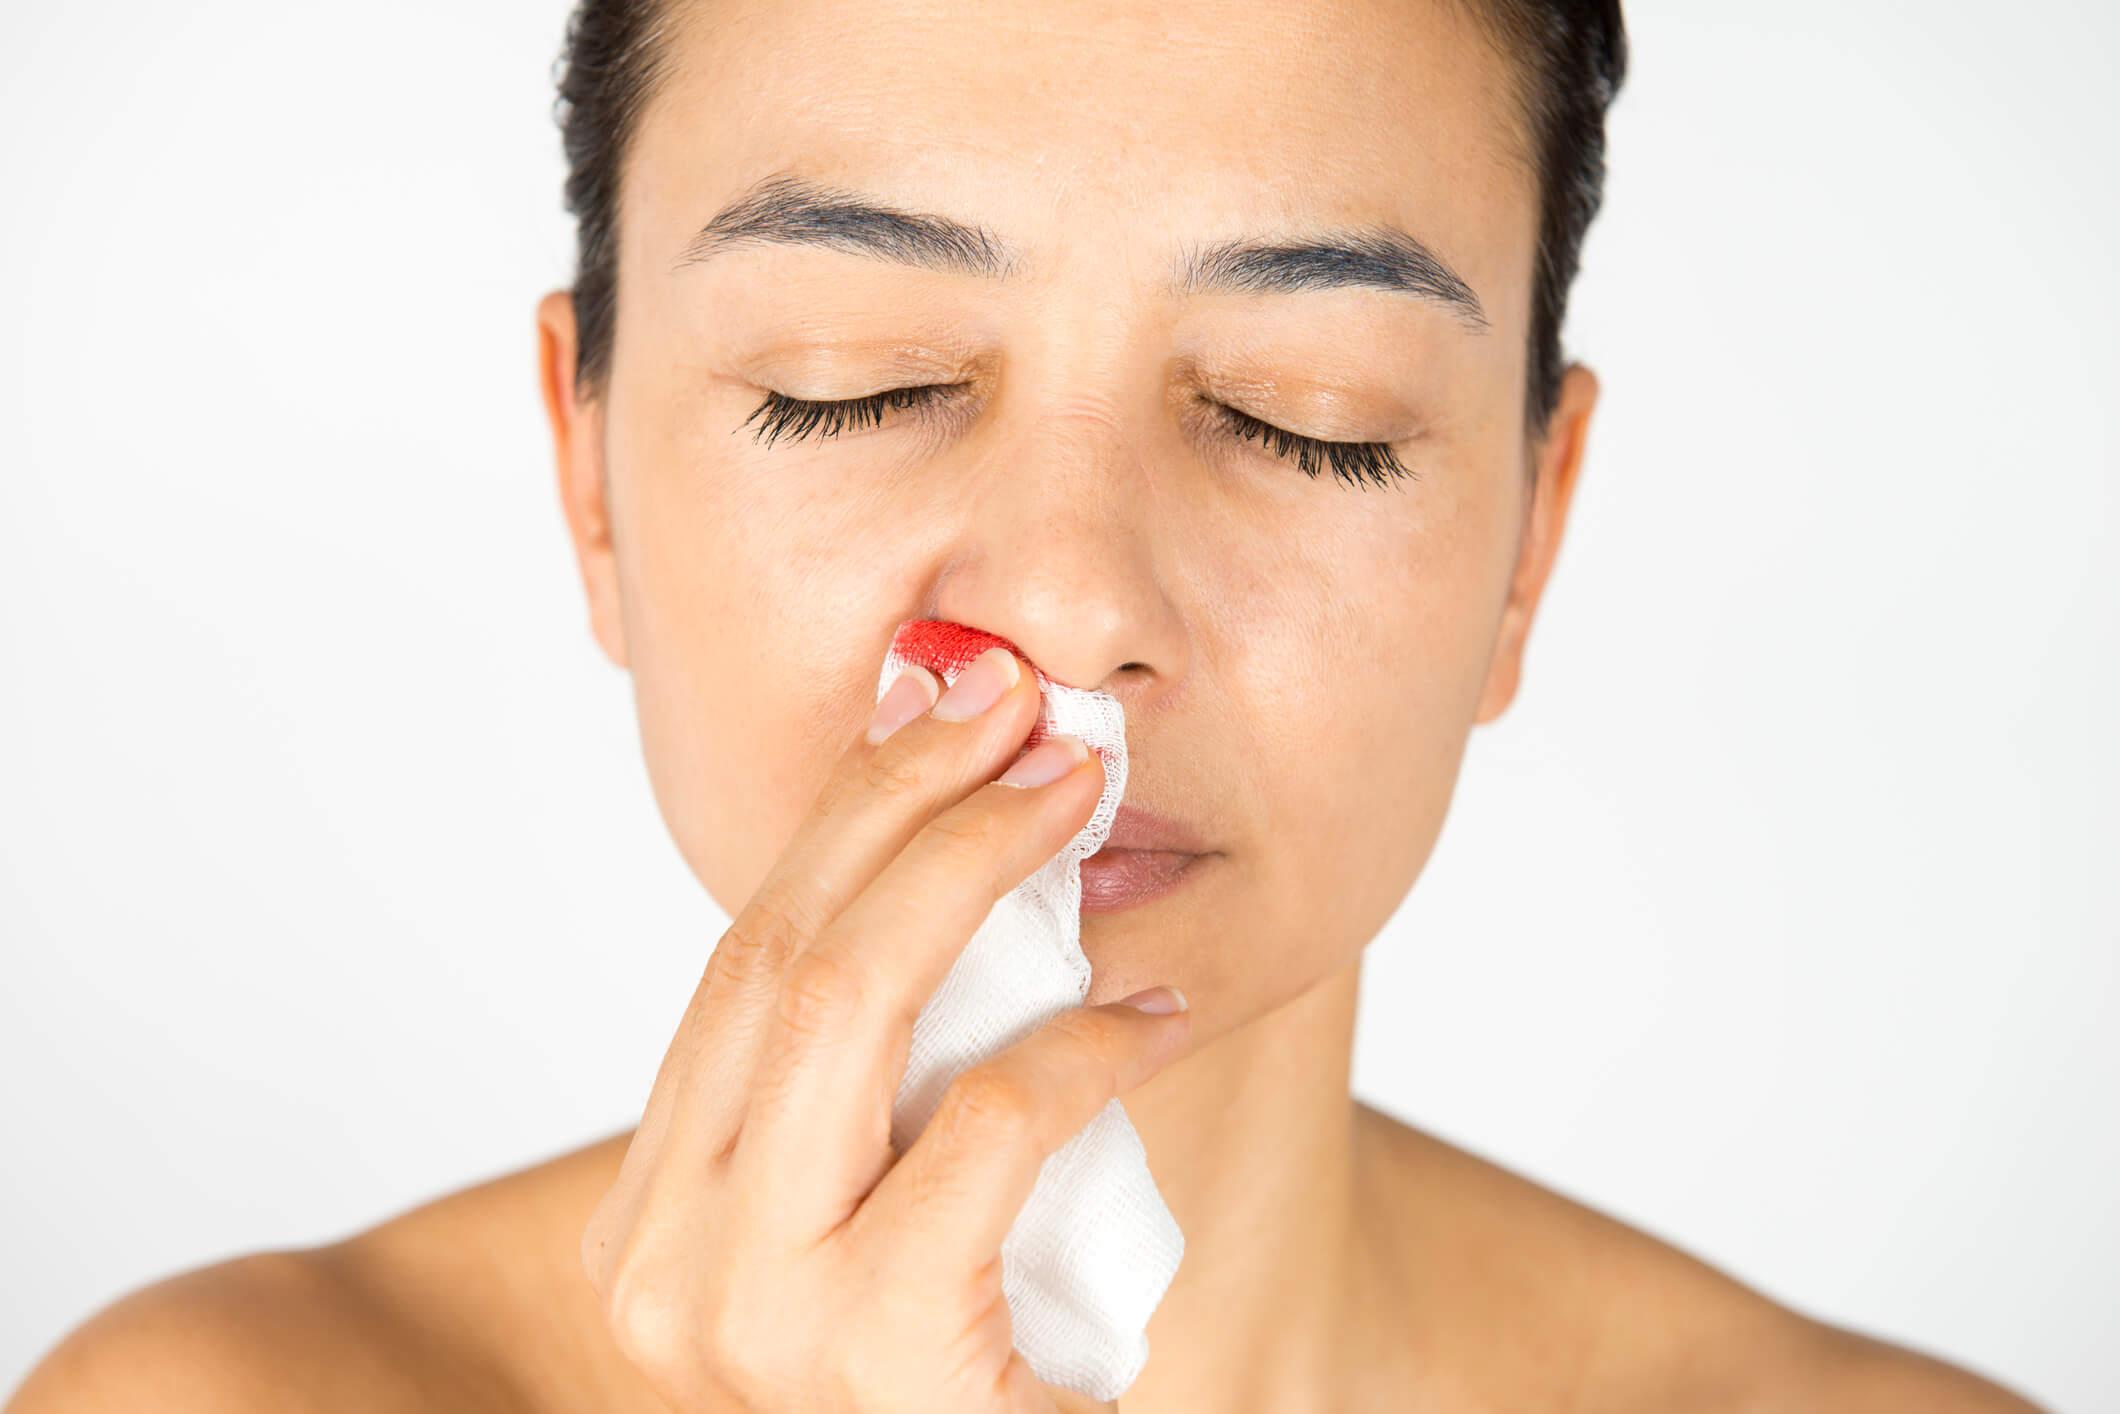 Nenäverenvuoto johtuu nenän pienten verisuonien rikkoontumisesta.